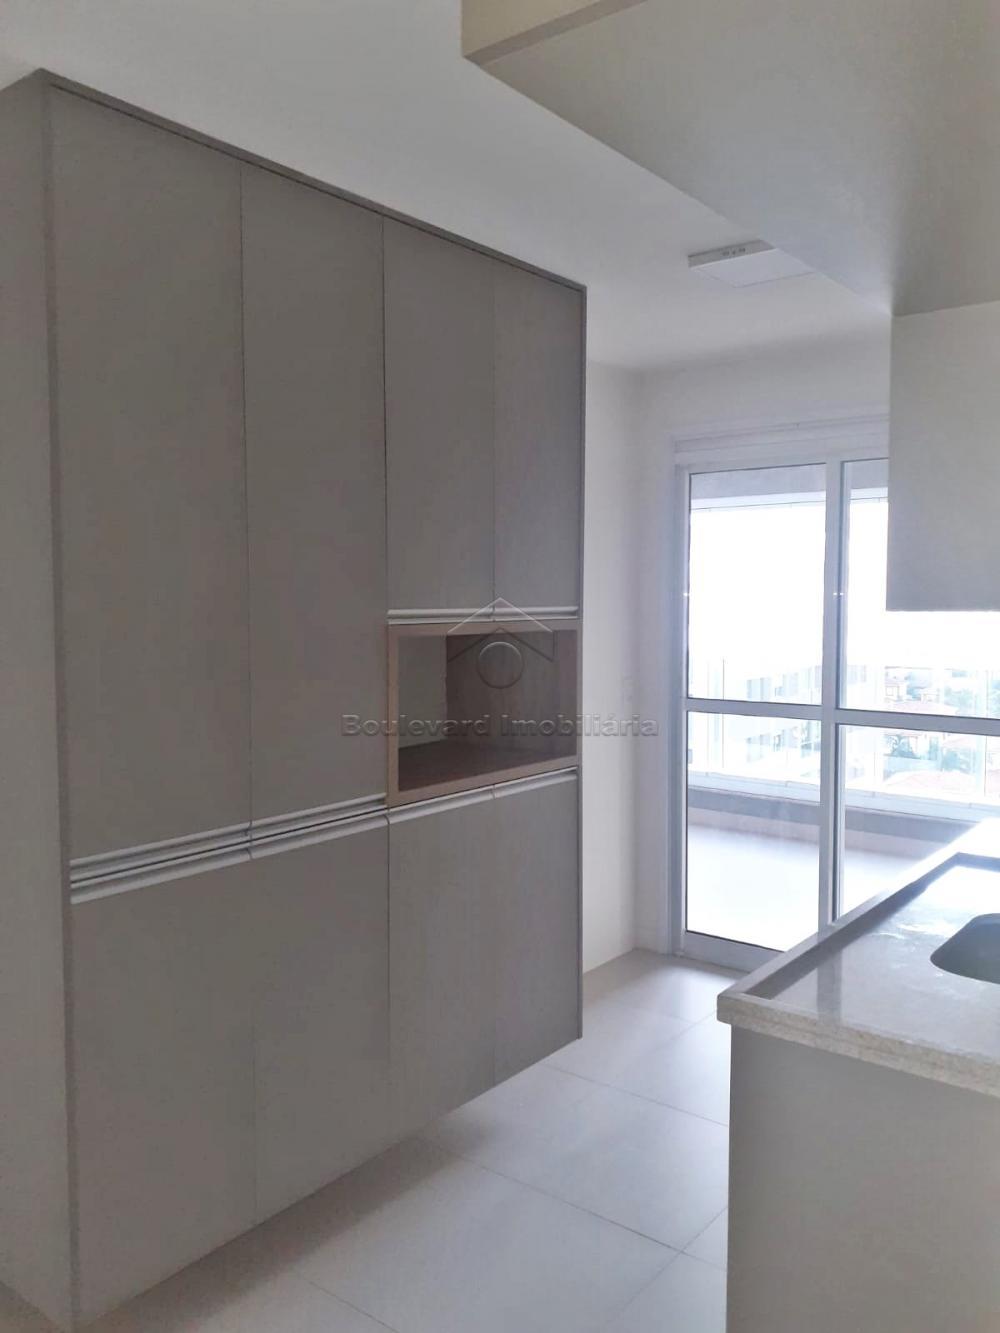 Comprar Apartamento / Padrão em Ribeirão Preto R$ 890.000,00 - Foto 26